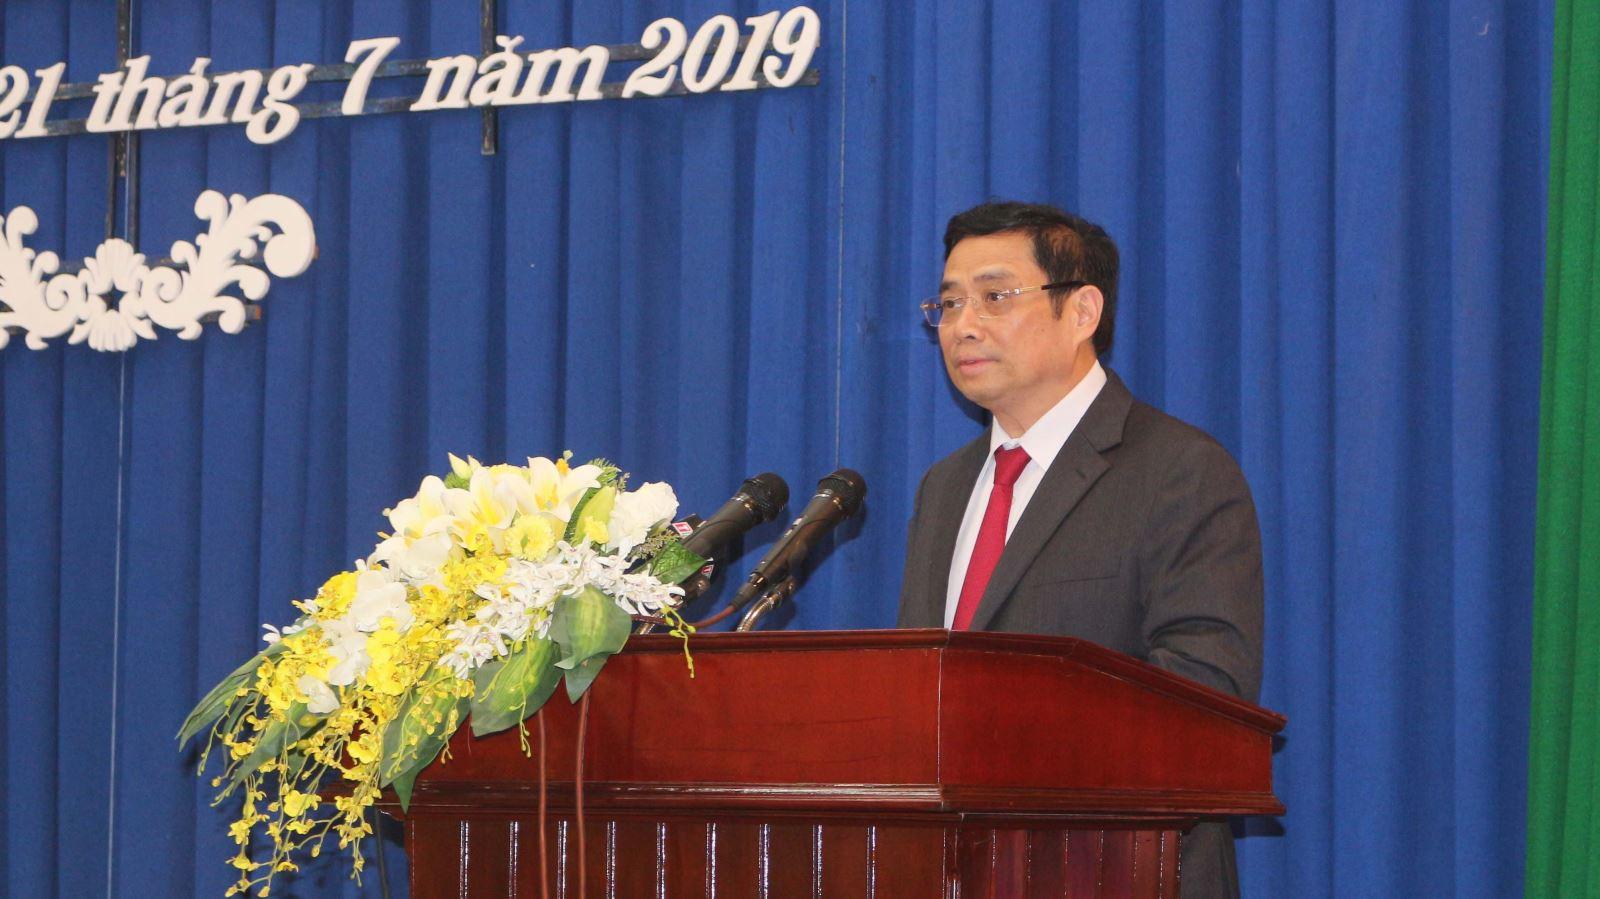 Đồng chí Lê Thị Thủy được điều động, chỉ định giữ chức Bí thư Tỉnh ủy Hà Nam nhiệm kỳ 2015-2020